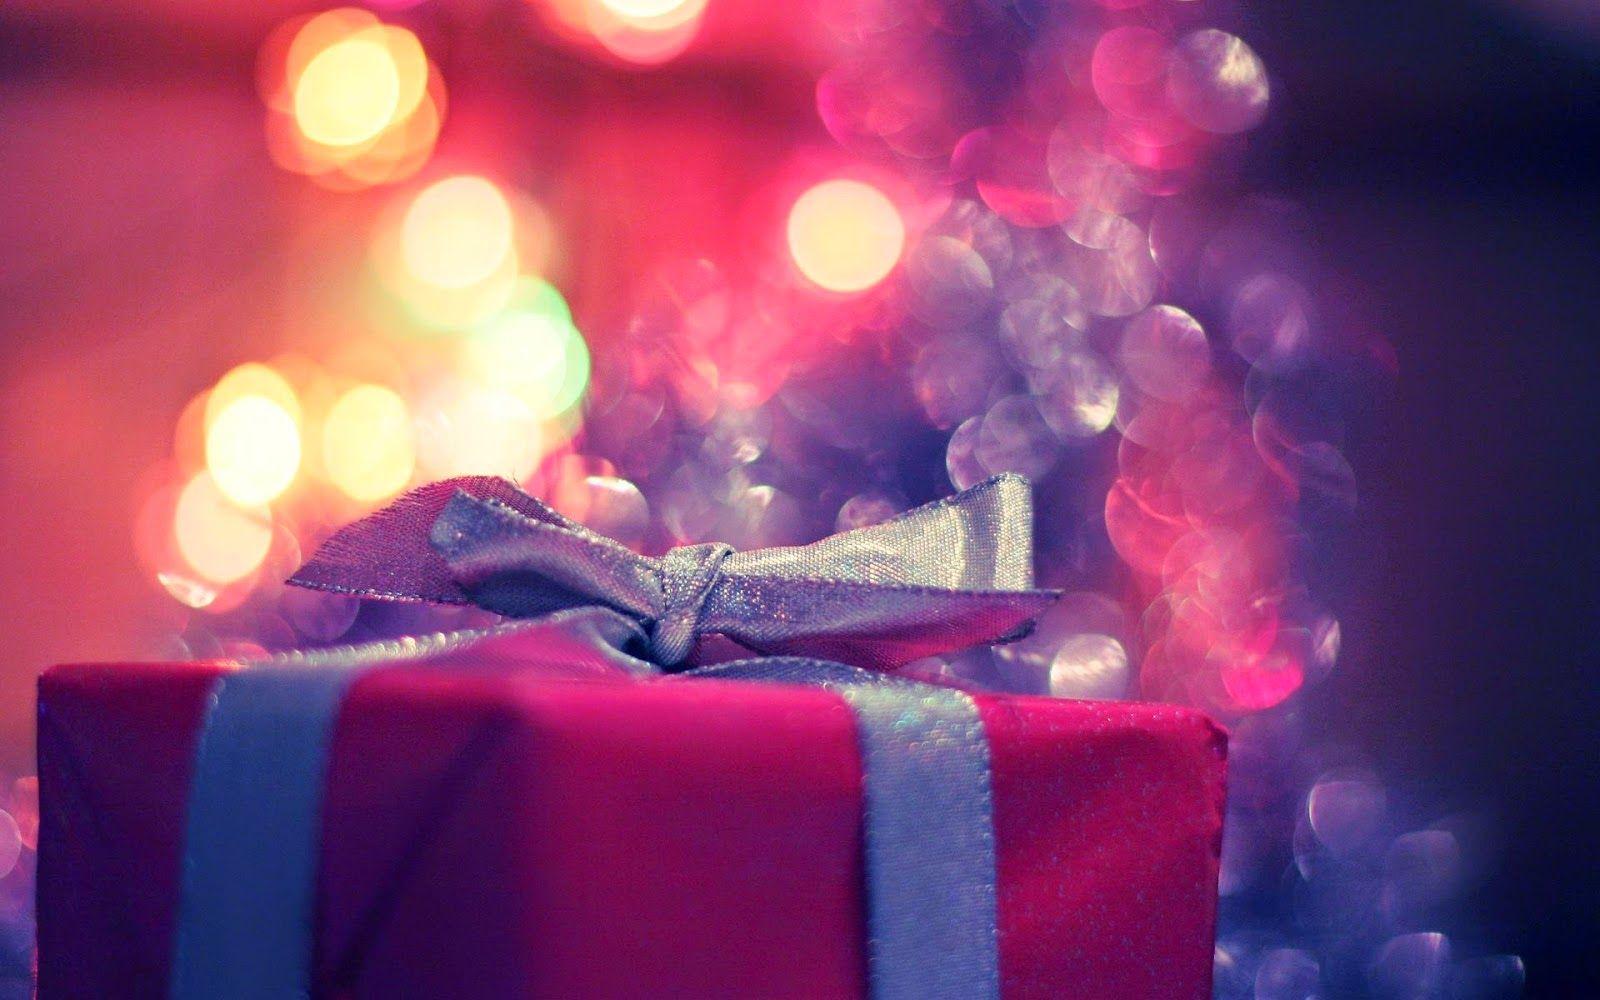 صور خلفيات هدايا مغلفة رائعة Hd مداد الجليد Pink Christmas Gifts Holiday Wallpaper Christmas Pictures